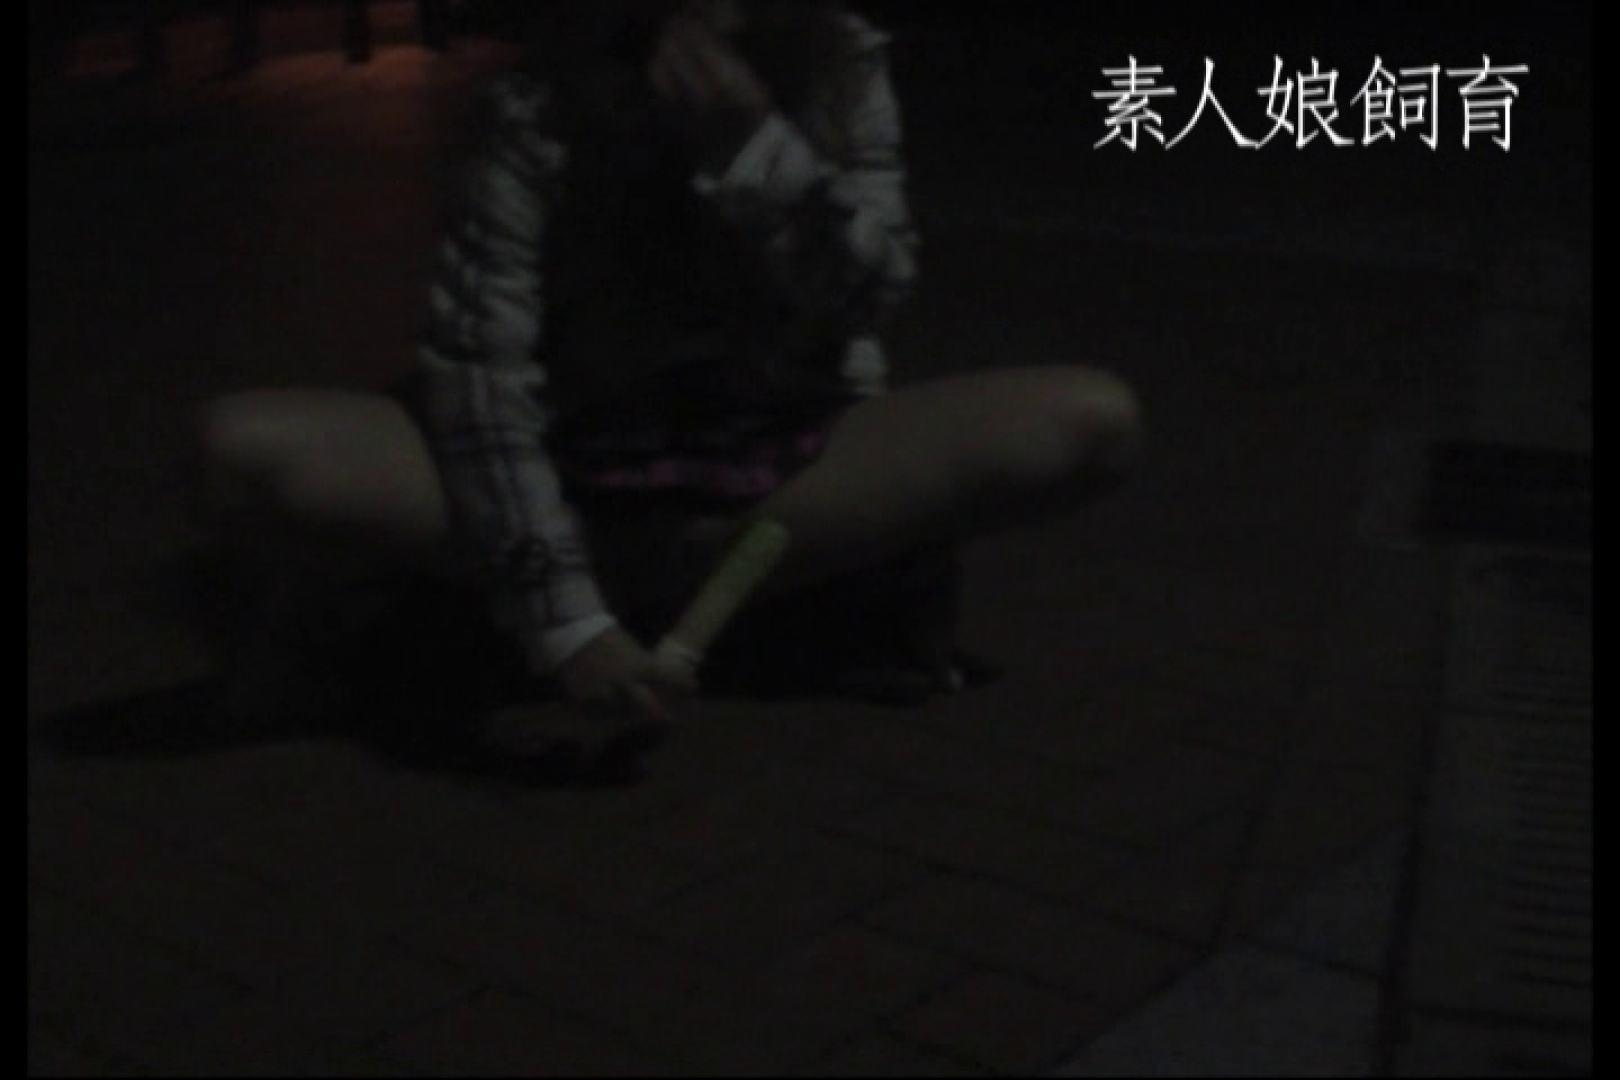 素人娘飼育~お前の餌は他人棒~公園でバイブとお漏らし 野外 アダルト動画キャプチャ 71pic 59